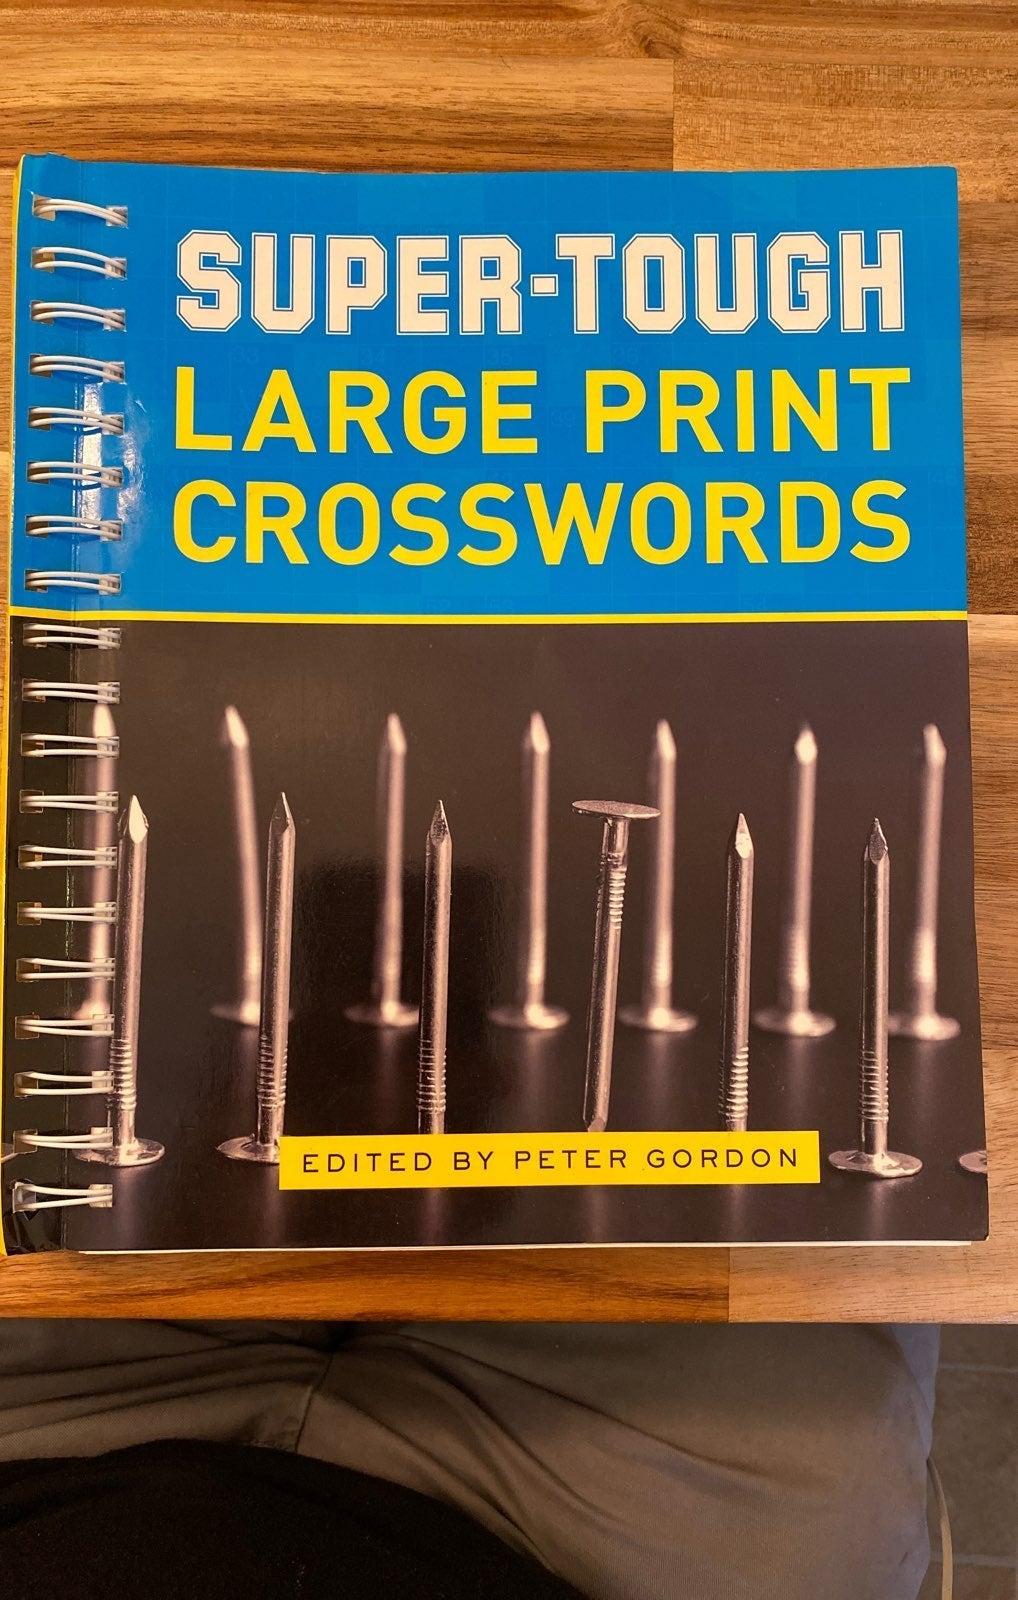 Super tough large print crosswords